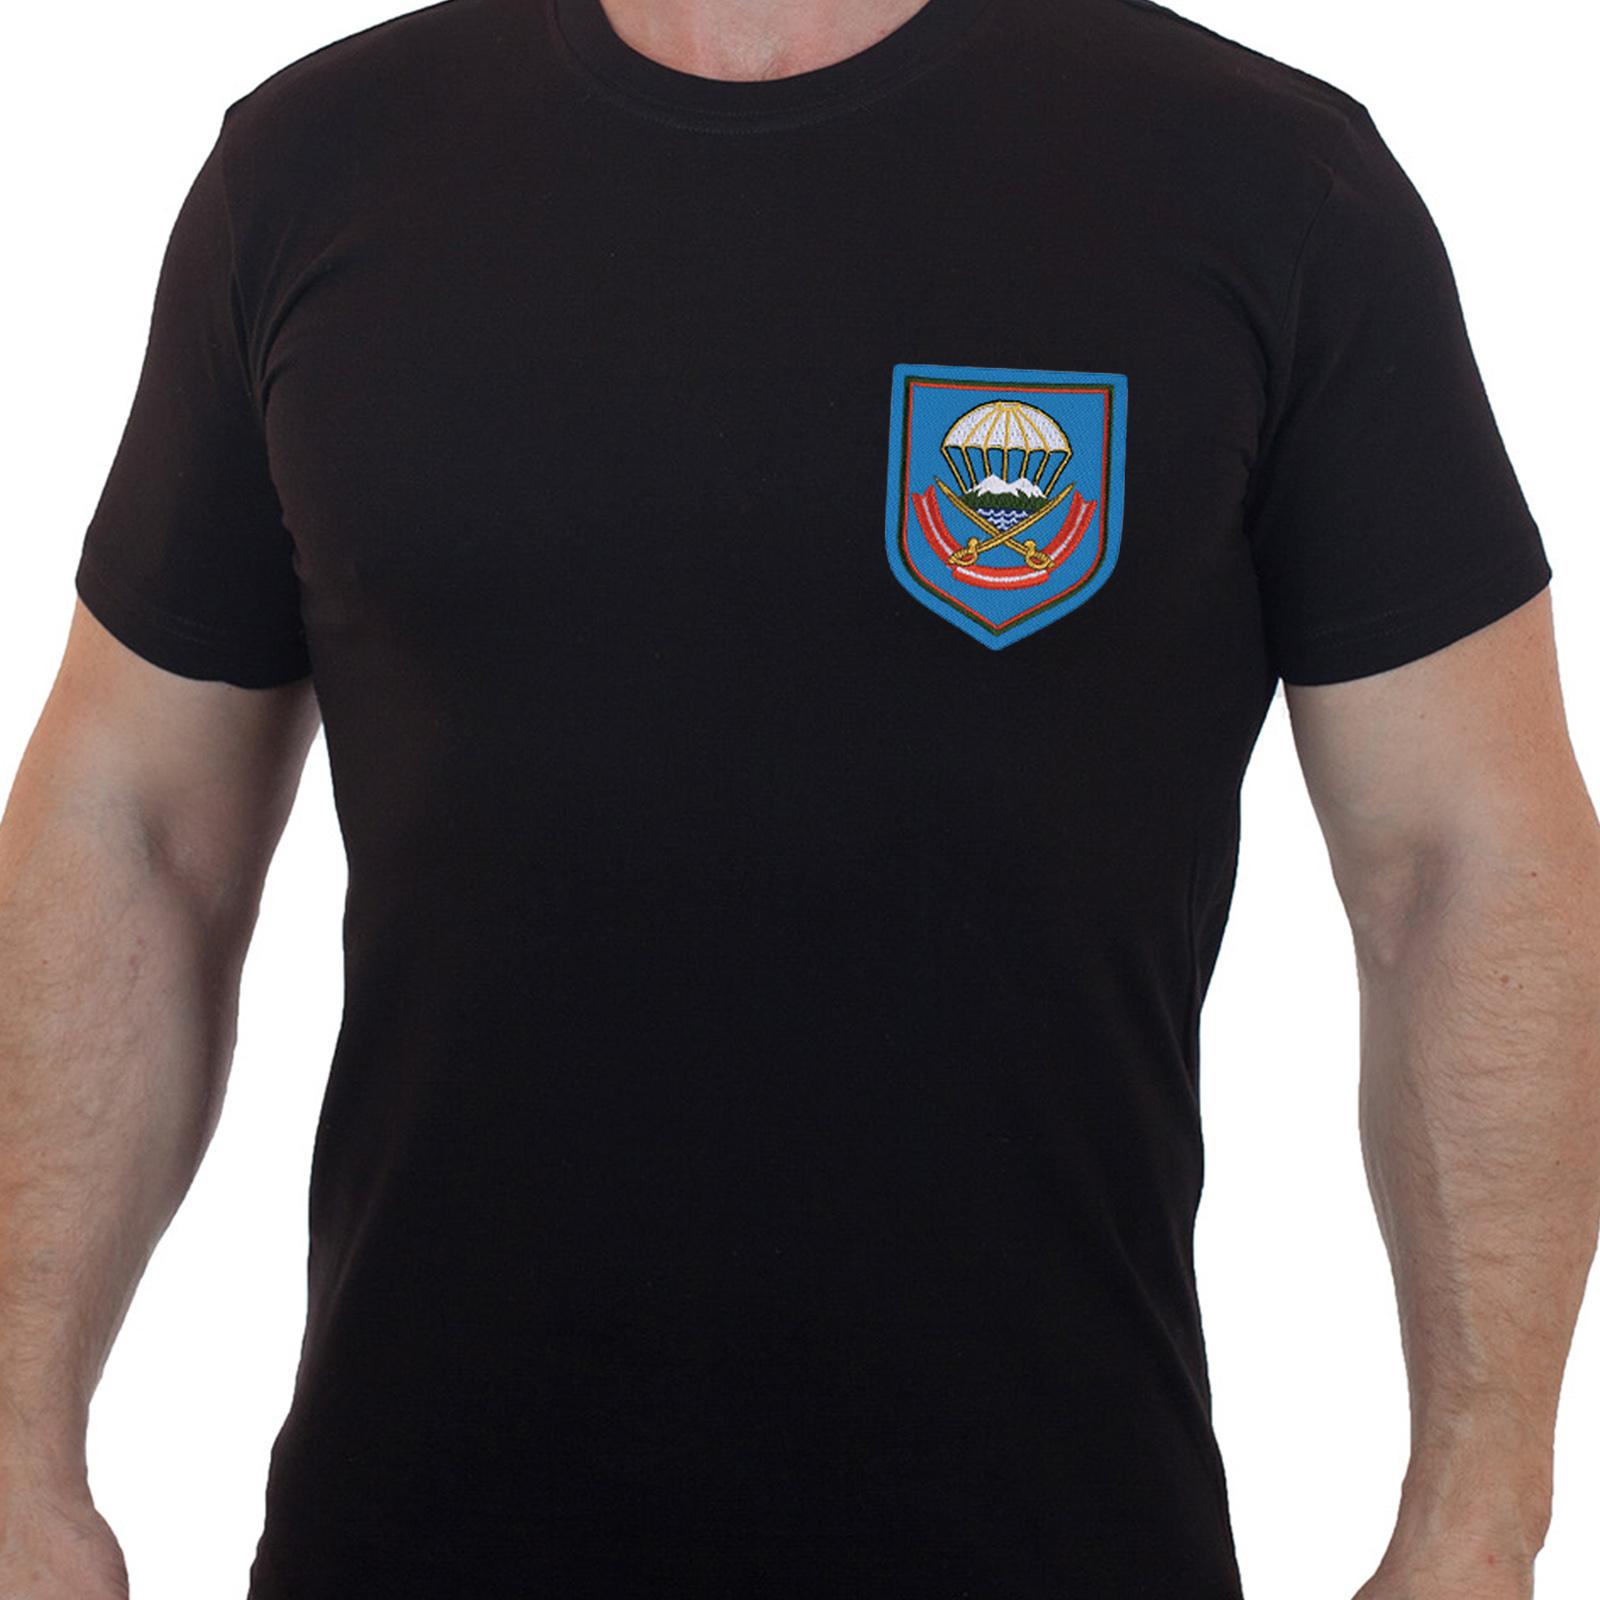 Черная армейская футболка с вышитым знаком ВДВ 108 ДШП - купить с выгодой